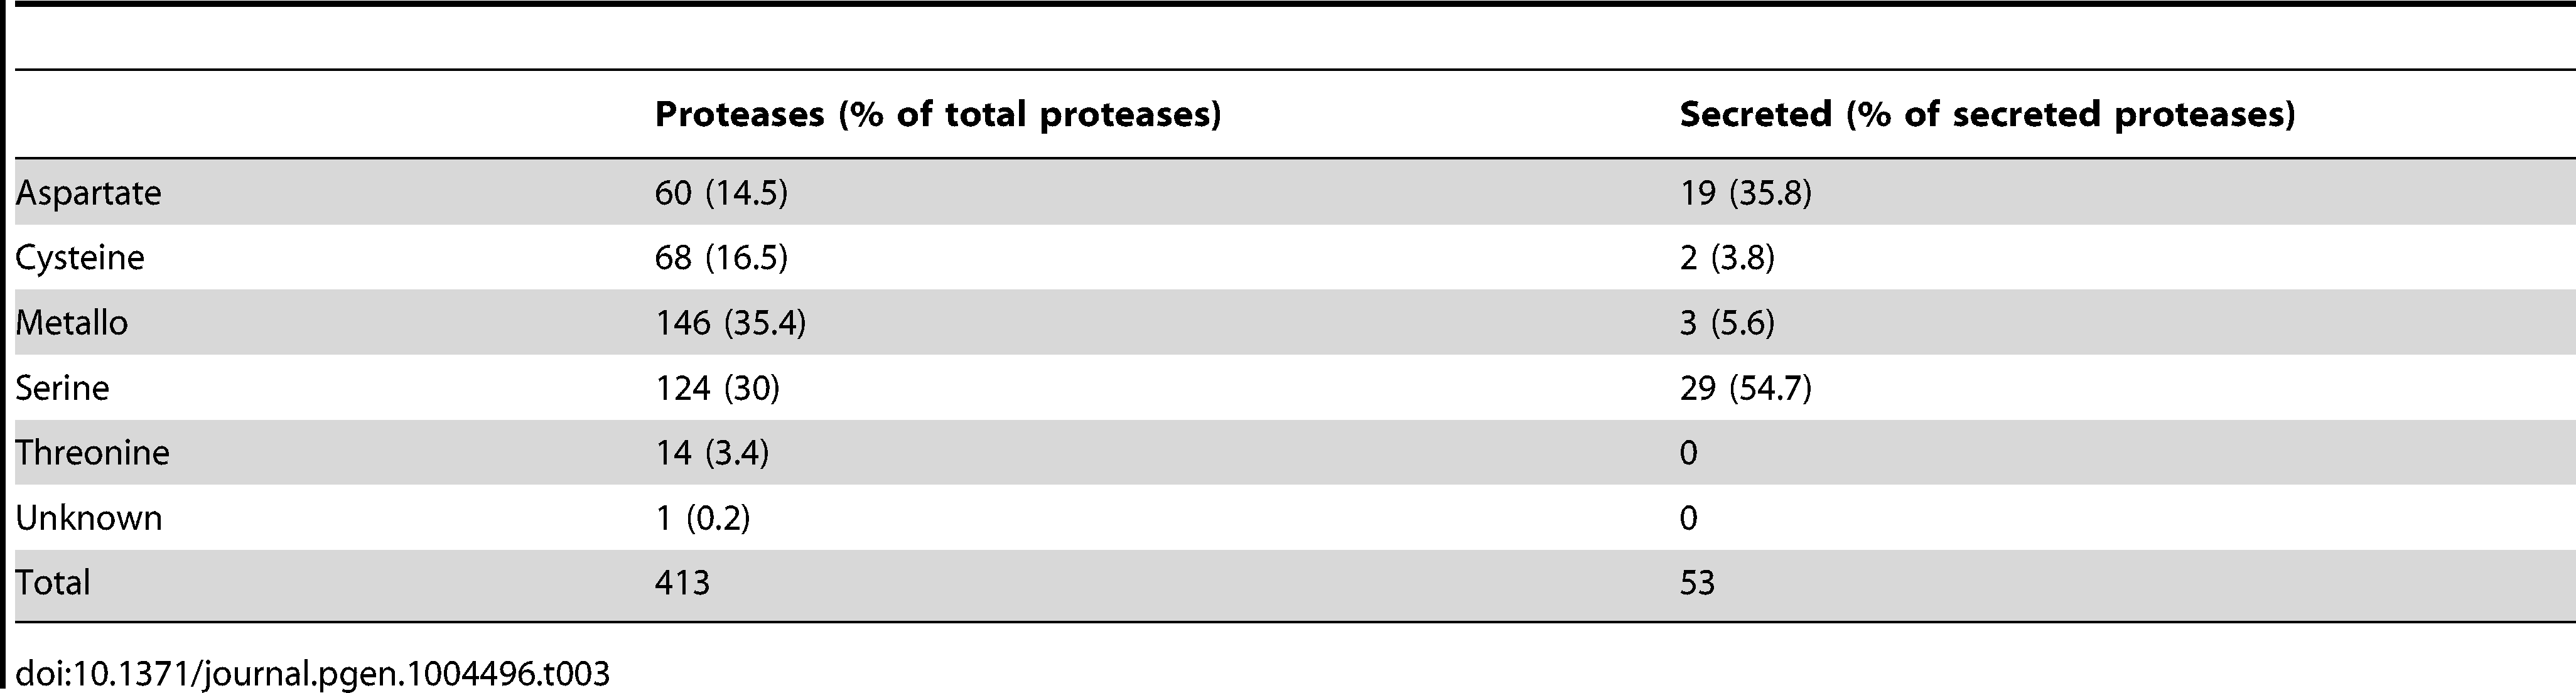 Protease families in the <i>L. corymbifera</i> genome.